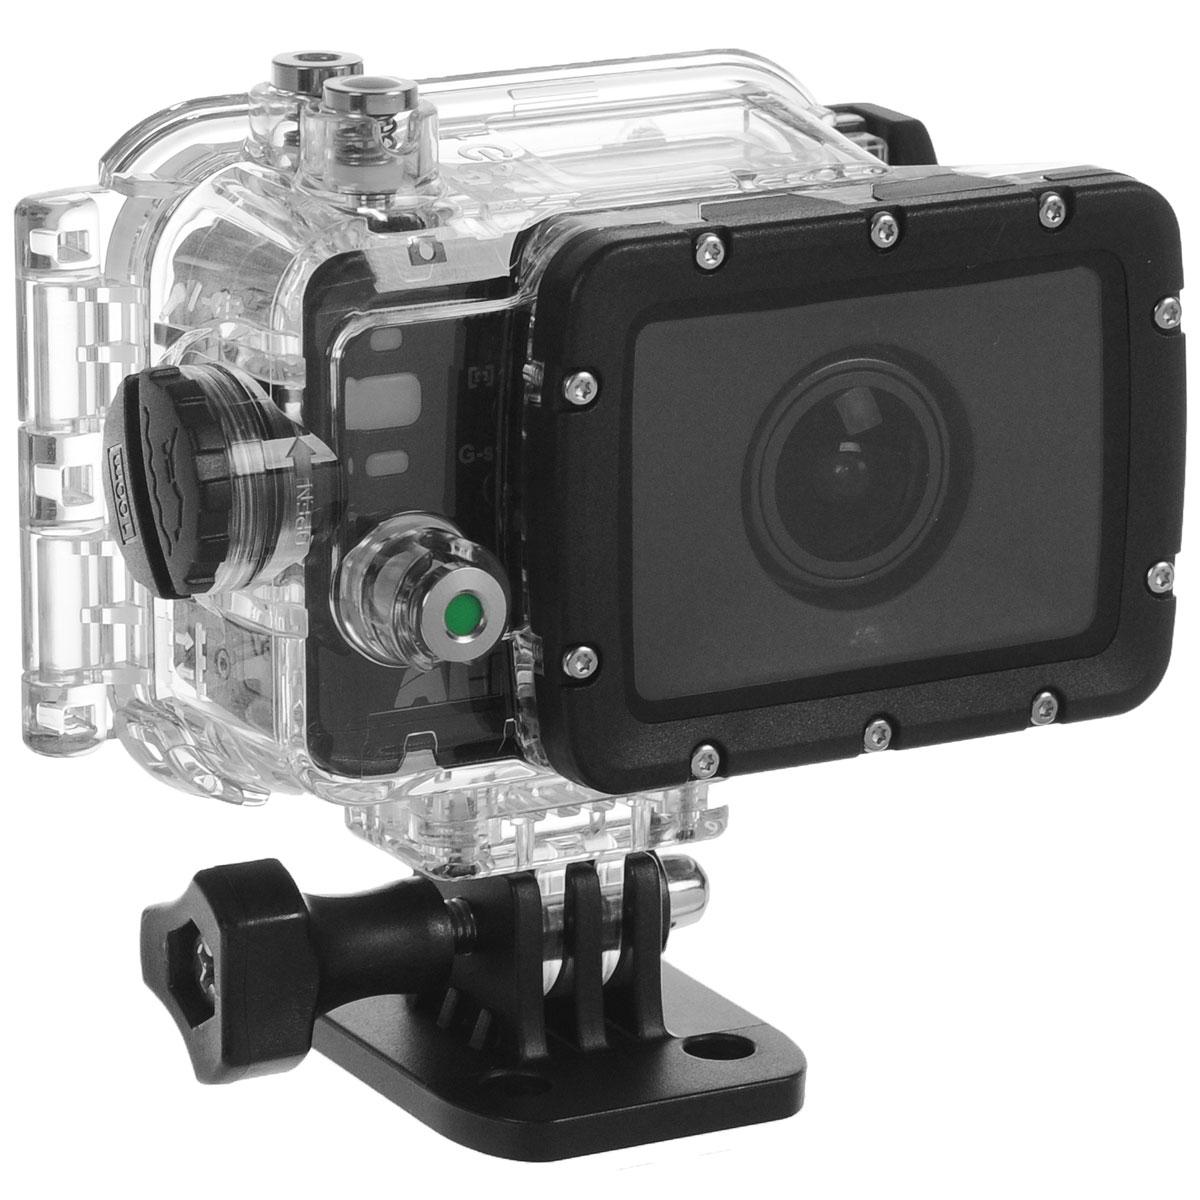 AEE S50+ Magicam экшн-камераS50+AEE экшн-камера S50+ - это революционное решение среди камер для экстремальной съемки. Принципиально новый и современный дизайн, повышенный уровень эргономики, качество съемки Full HD позволяют записать видеоролик, который передаст атмосферу даже самого опасного приключения! Разрешение фотосъемки: 8 Mпикс Формат изображений: JPEG Съемная литиевая батарея: 1500мAч, что обеспечивает до 2.5 часов записи видео Температура хранения : -20 - 60°С Температура эксплуатации : -10 - 50°С Влажность во время эксплуатации: 15-85% относительной влажности